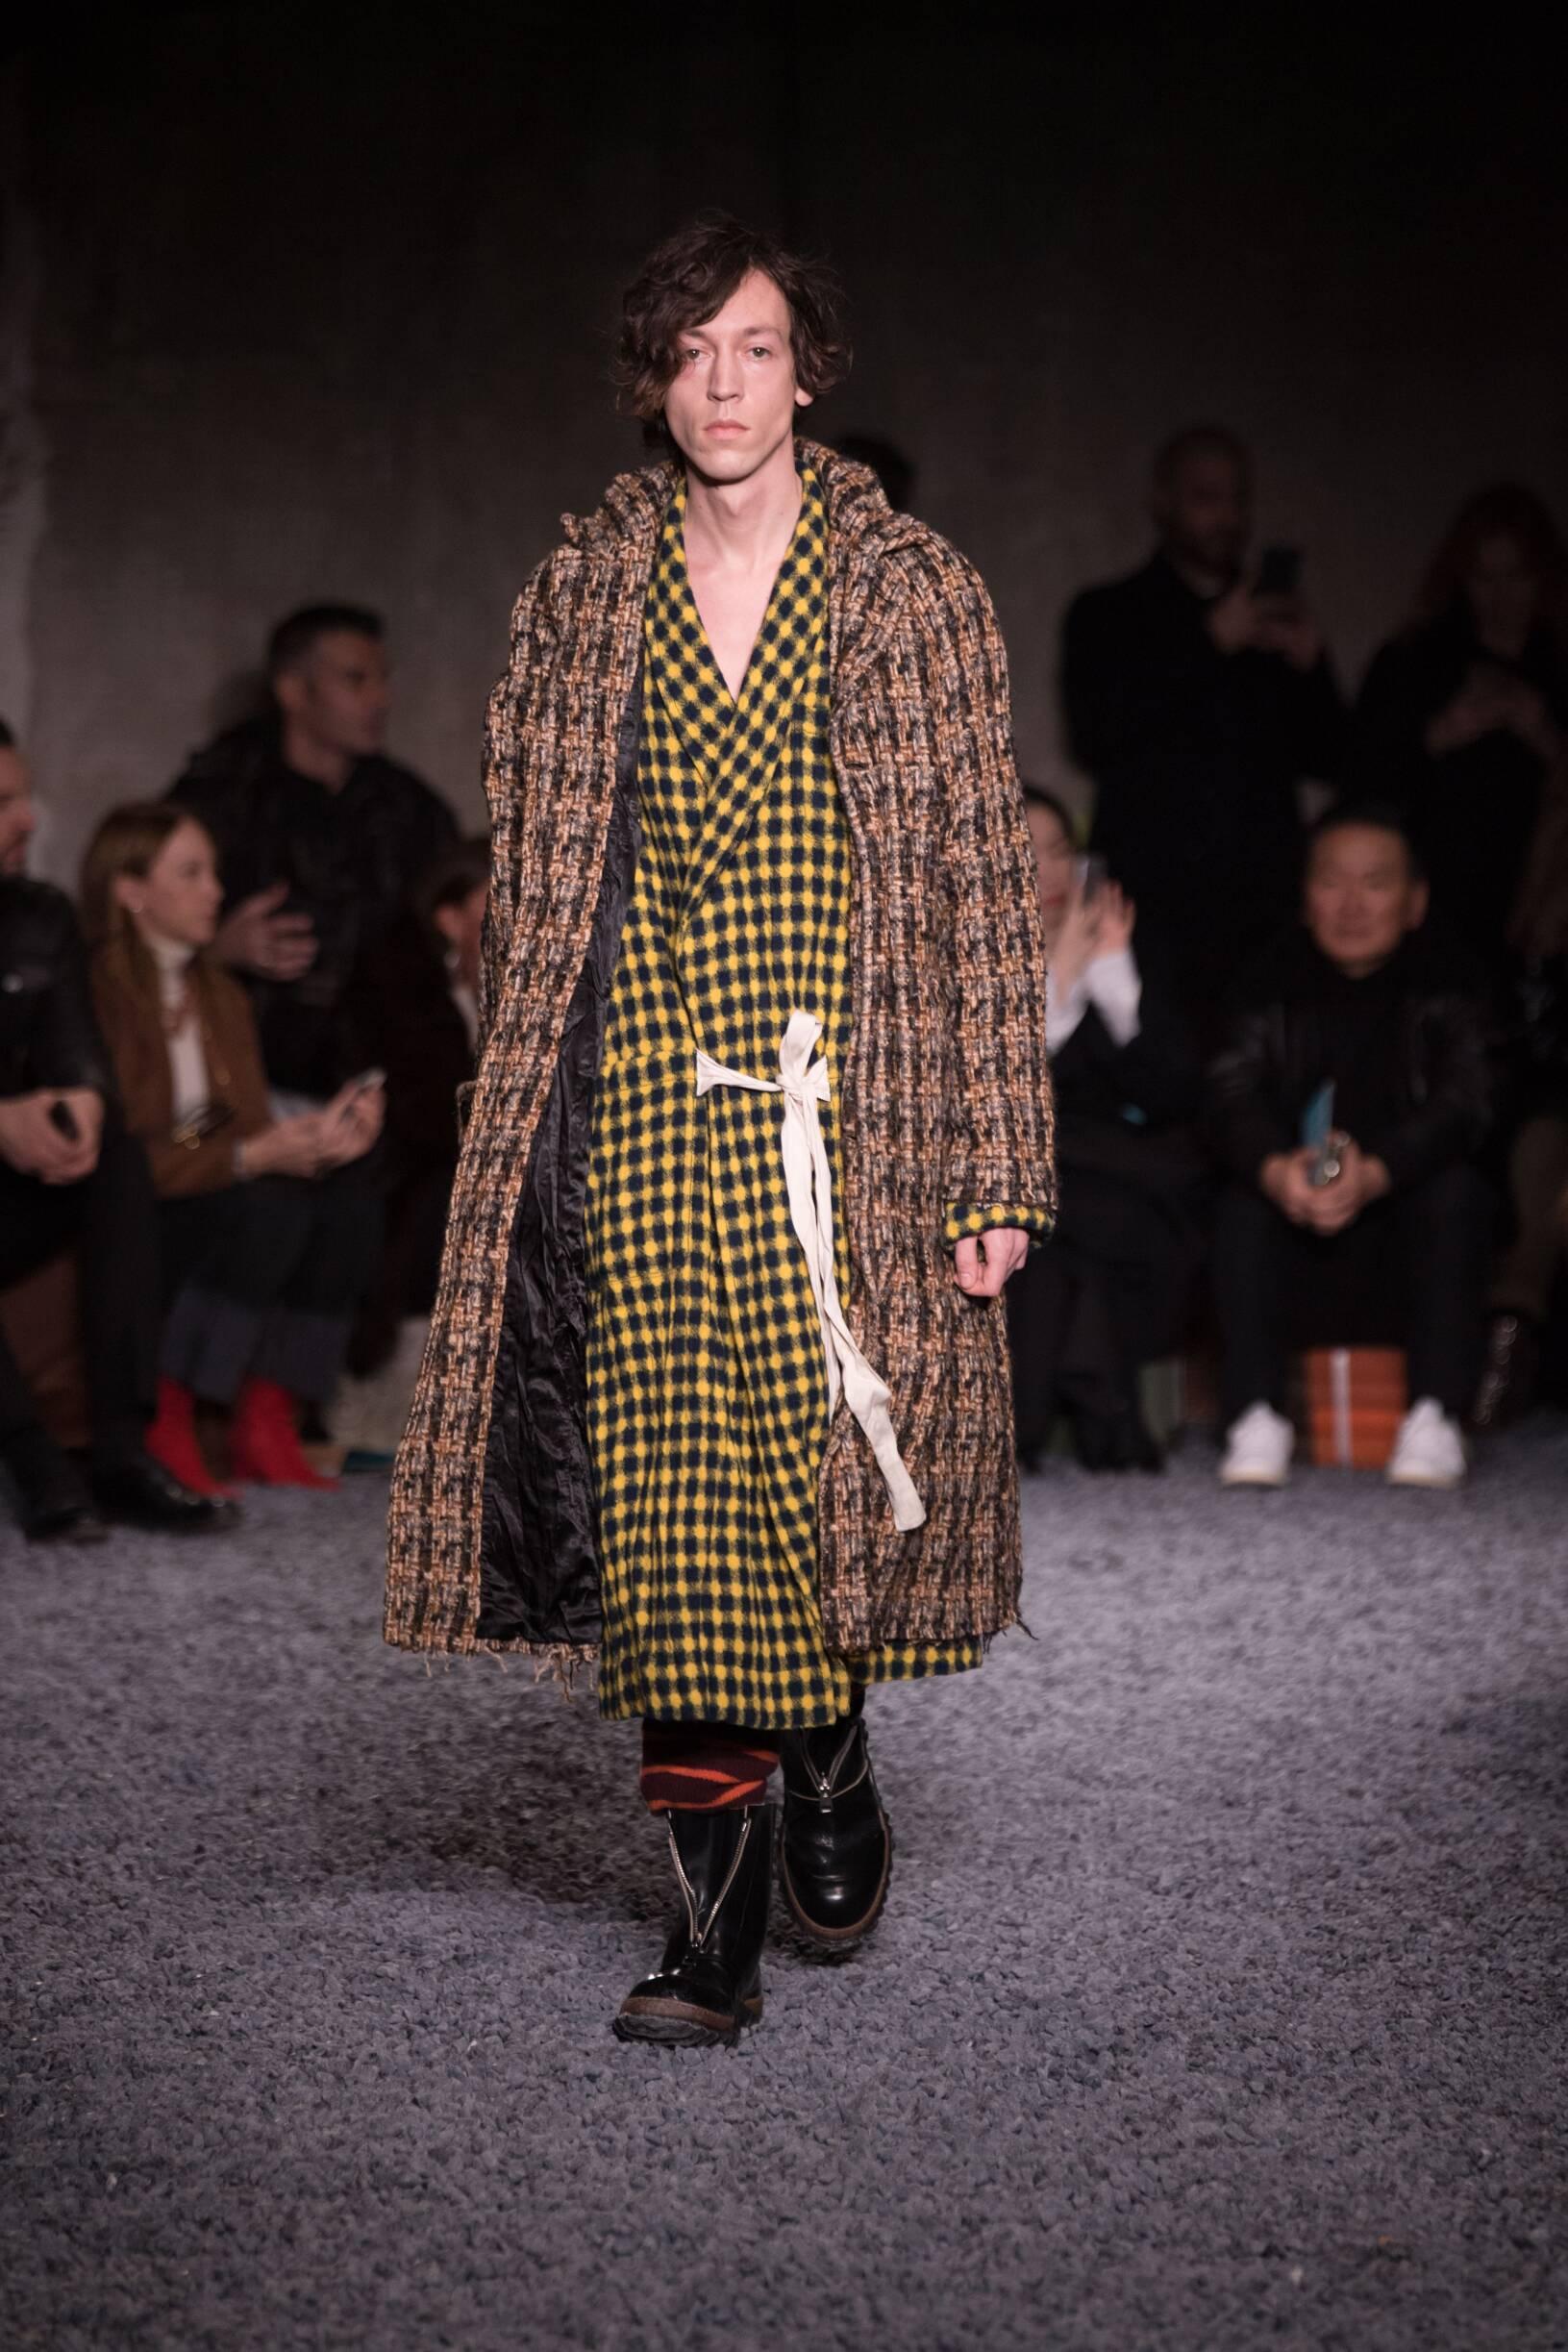 2018 Catwalk Marni Man Fashion Show Winter